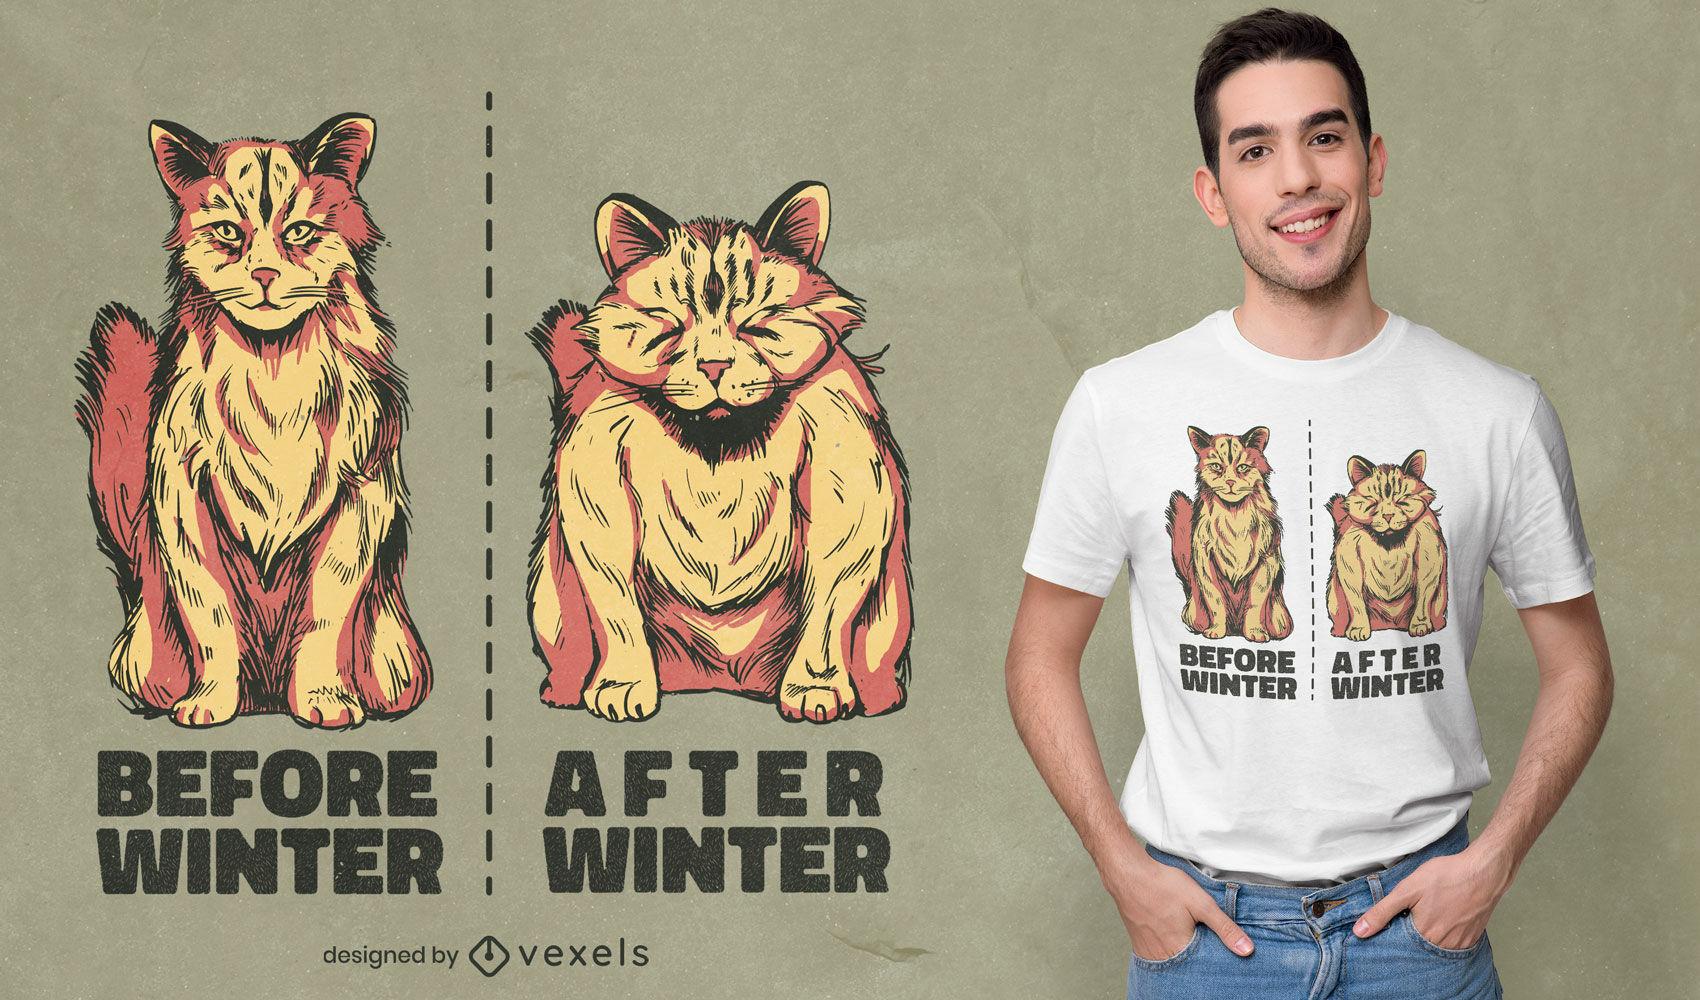 Diseño de camiseta de animales antes y después de gatos.